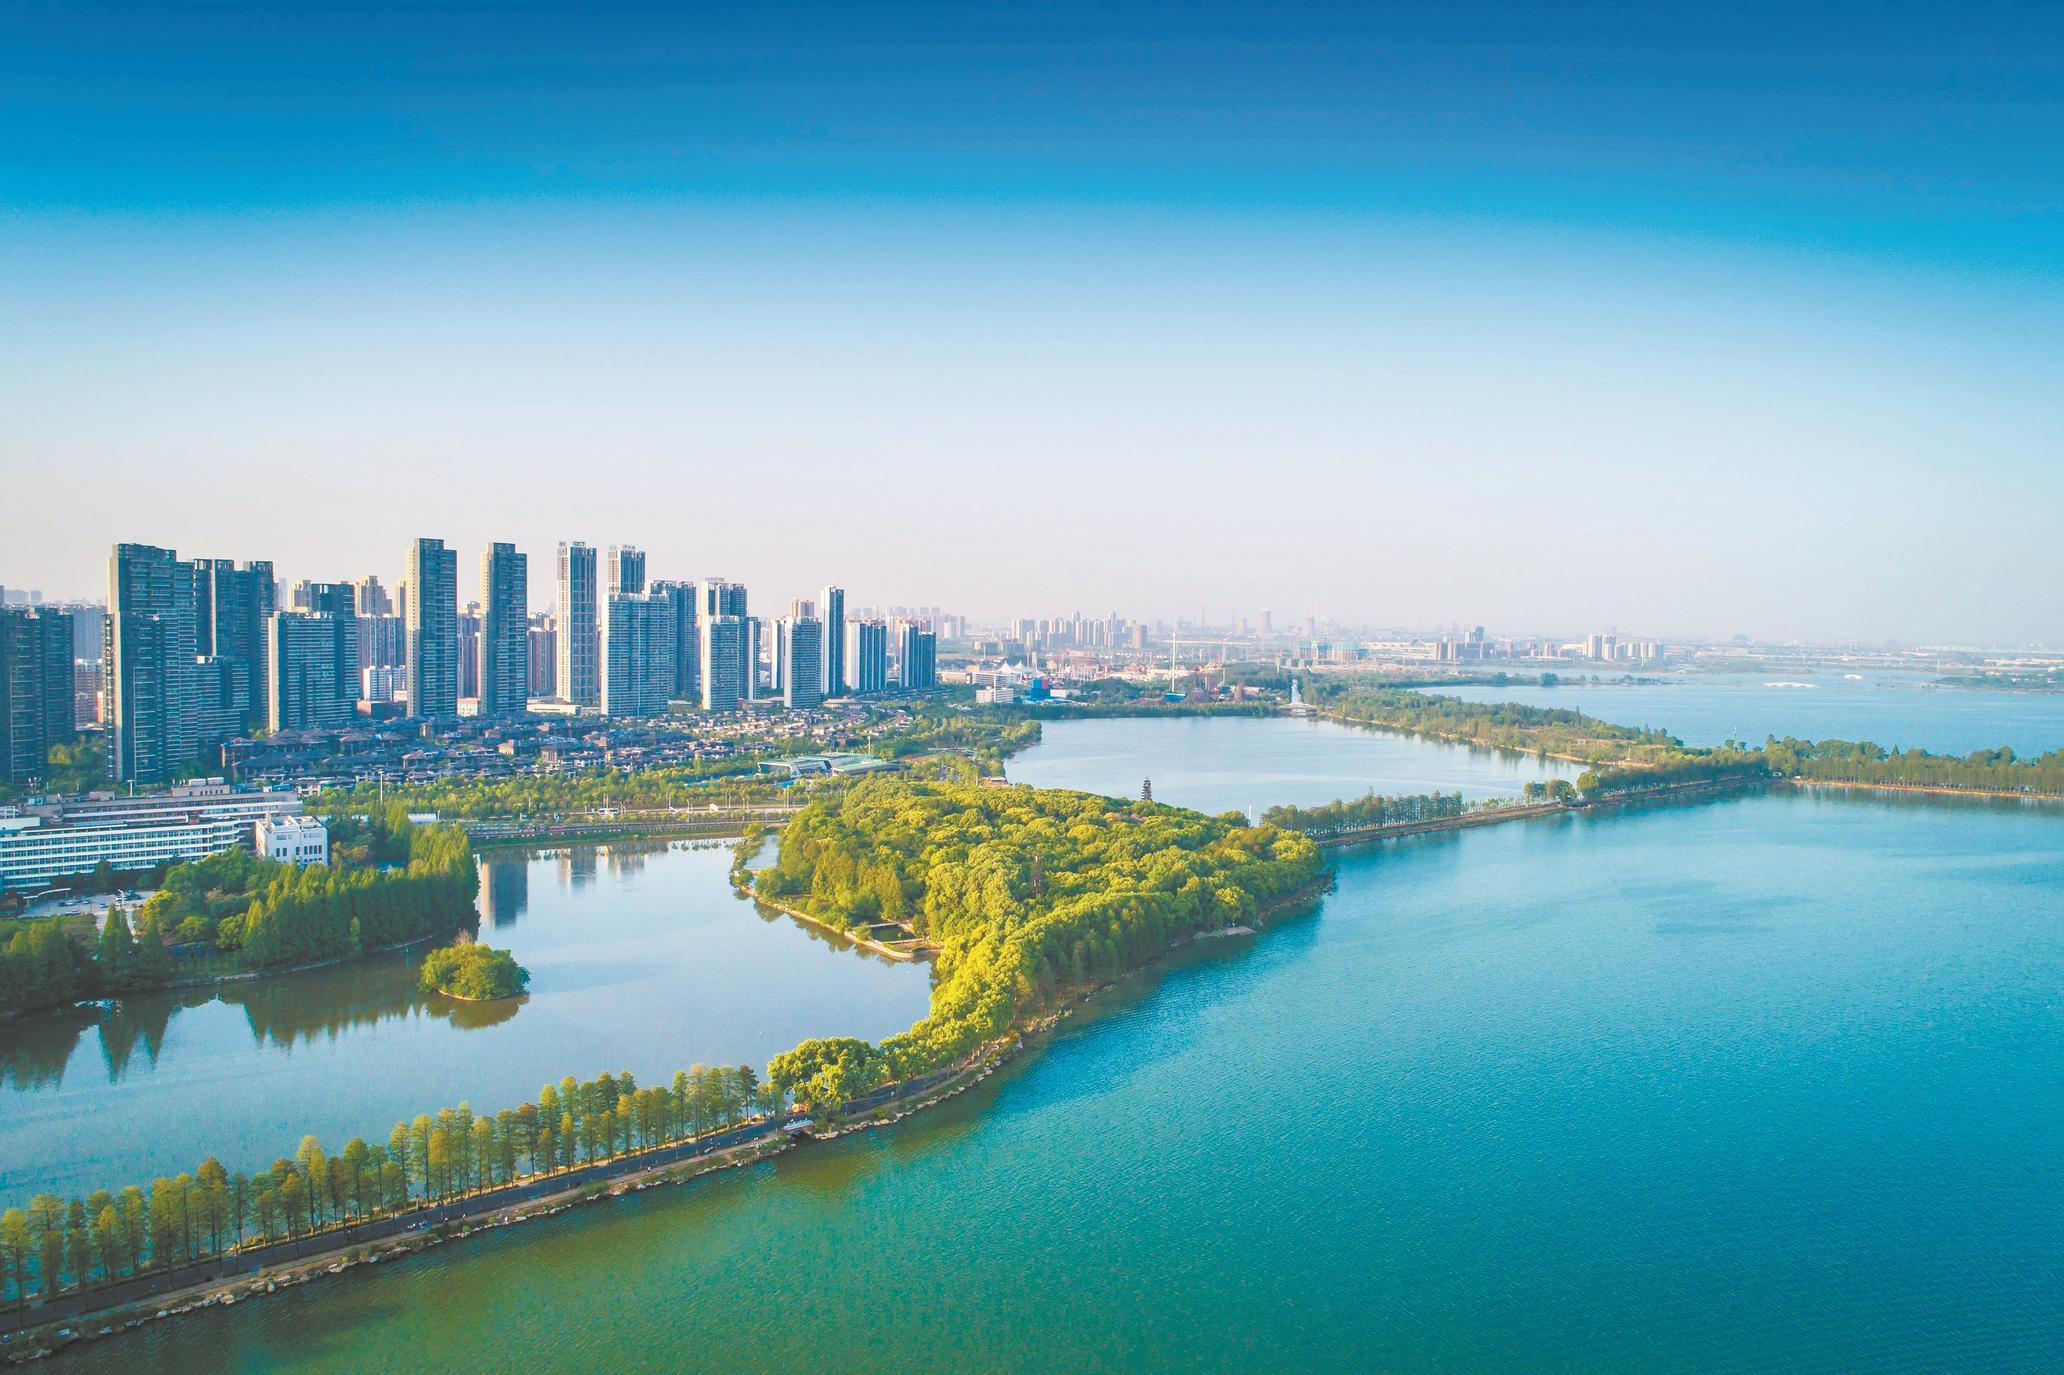 武汉提升城市精细化管理水平 用绣花功夫呵护东湖之美